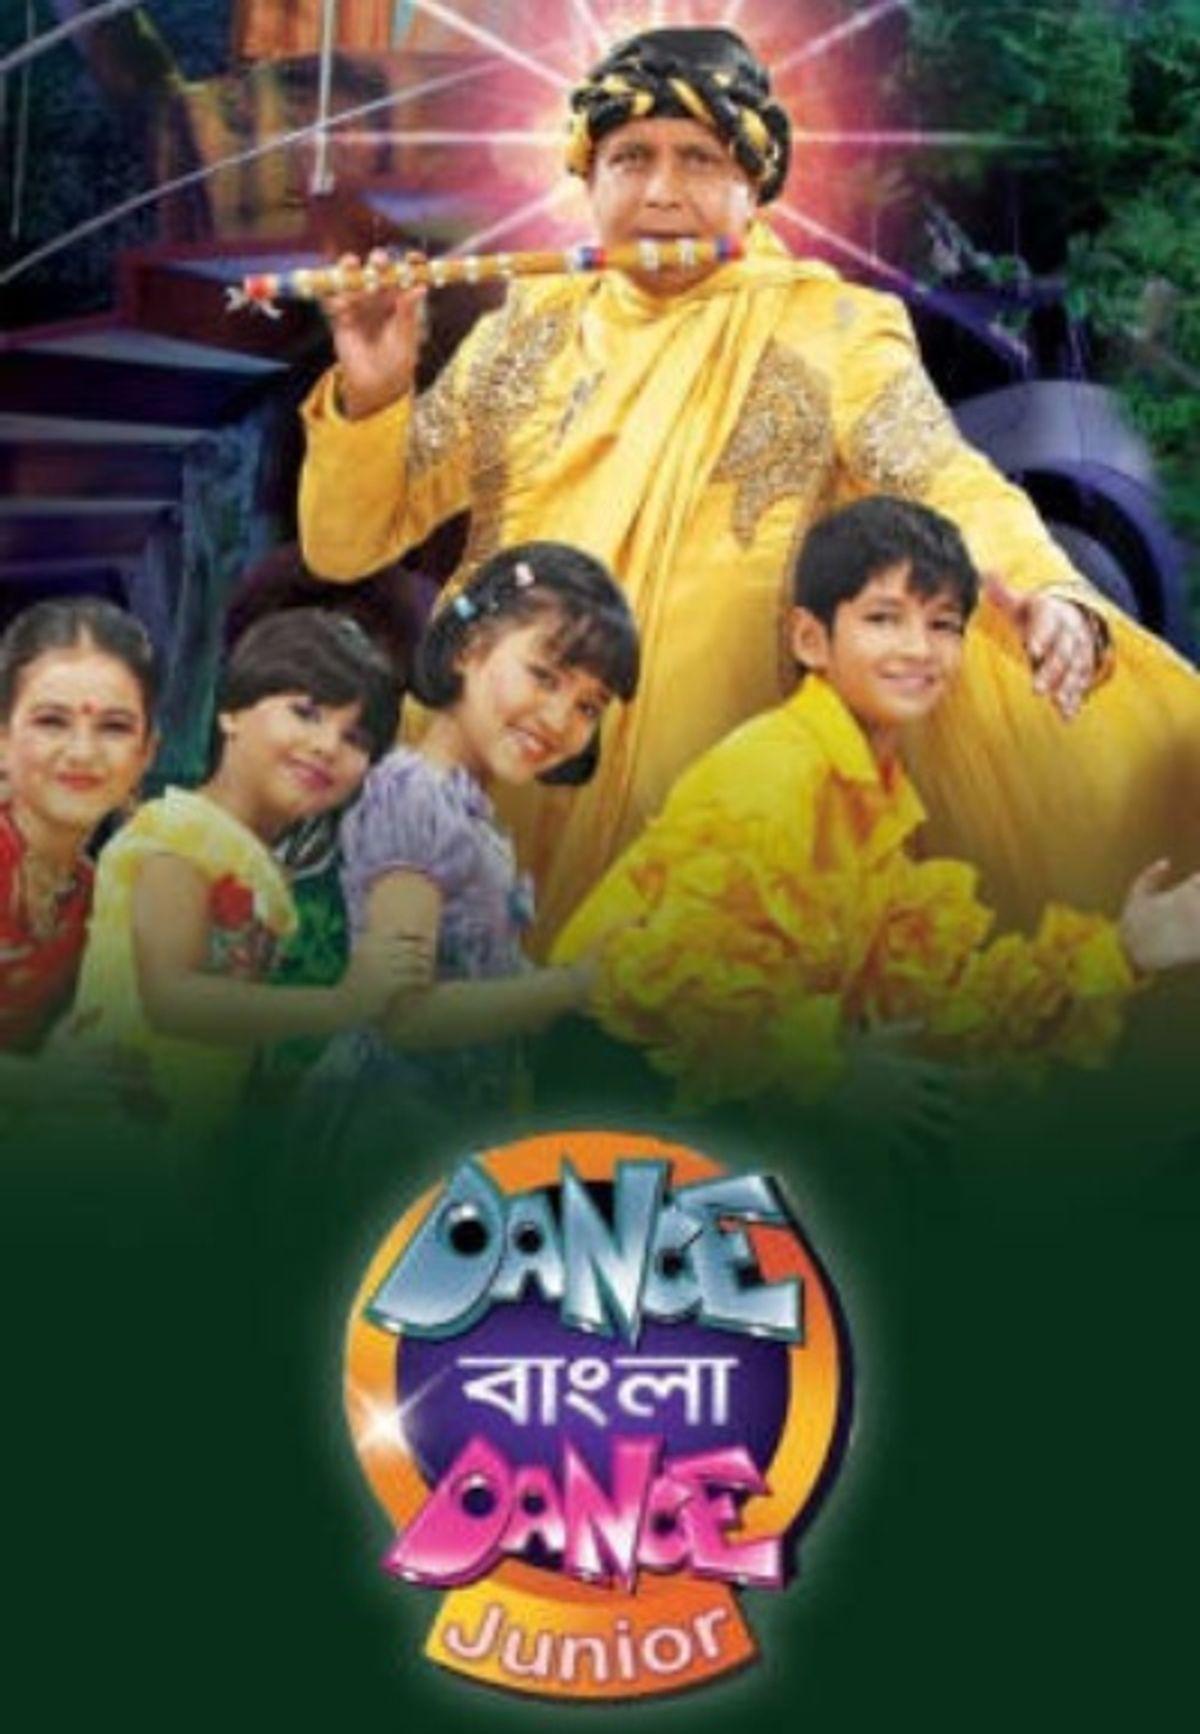 Dance Bangla Dance Junior